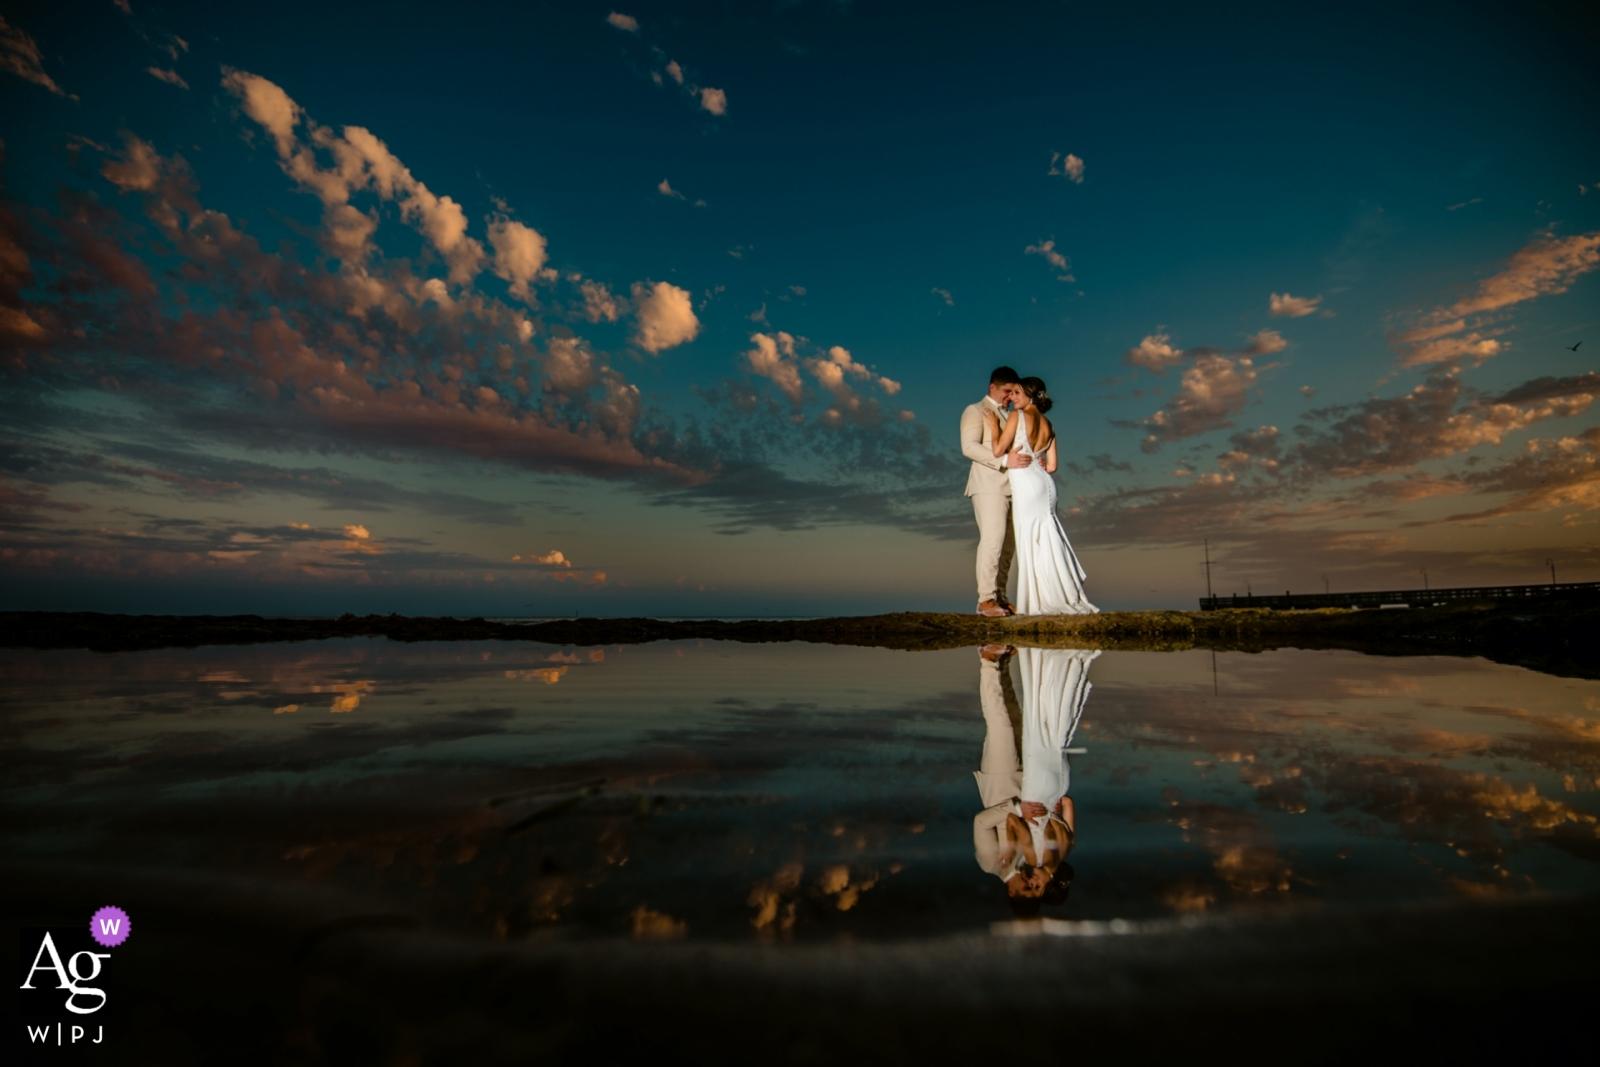 Casa Marina Resort Hochzeitsfotograf Key West: Sonnenuntergänge in Key West sind etwas Besonderes. Bei Ebbe legen sich die Kalkfelsen frei, was Ihnen perfekte Gezeitenpools für Reflexionen bietet.